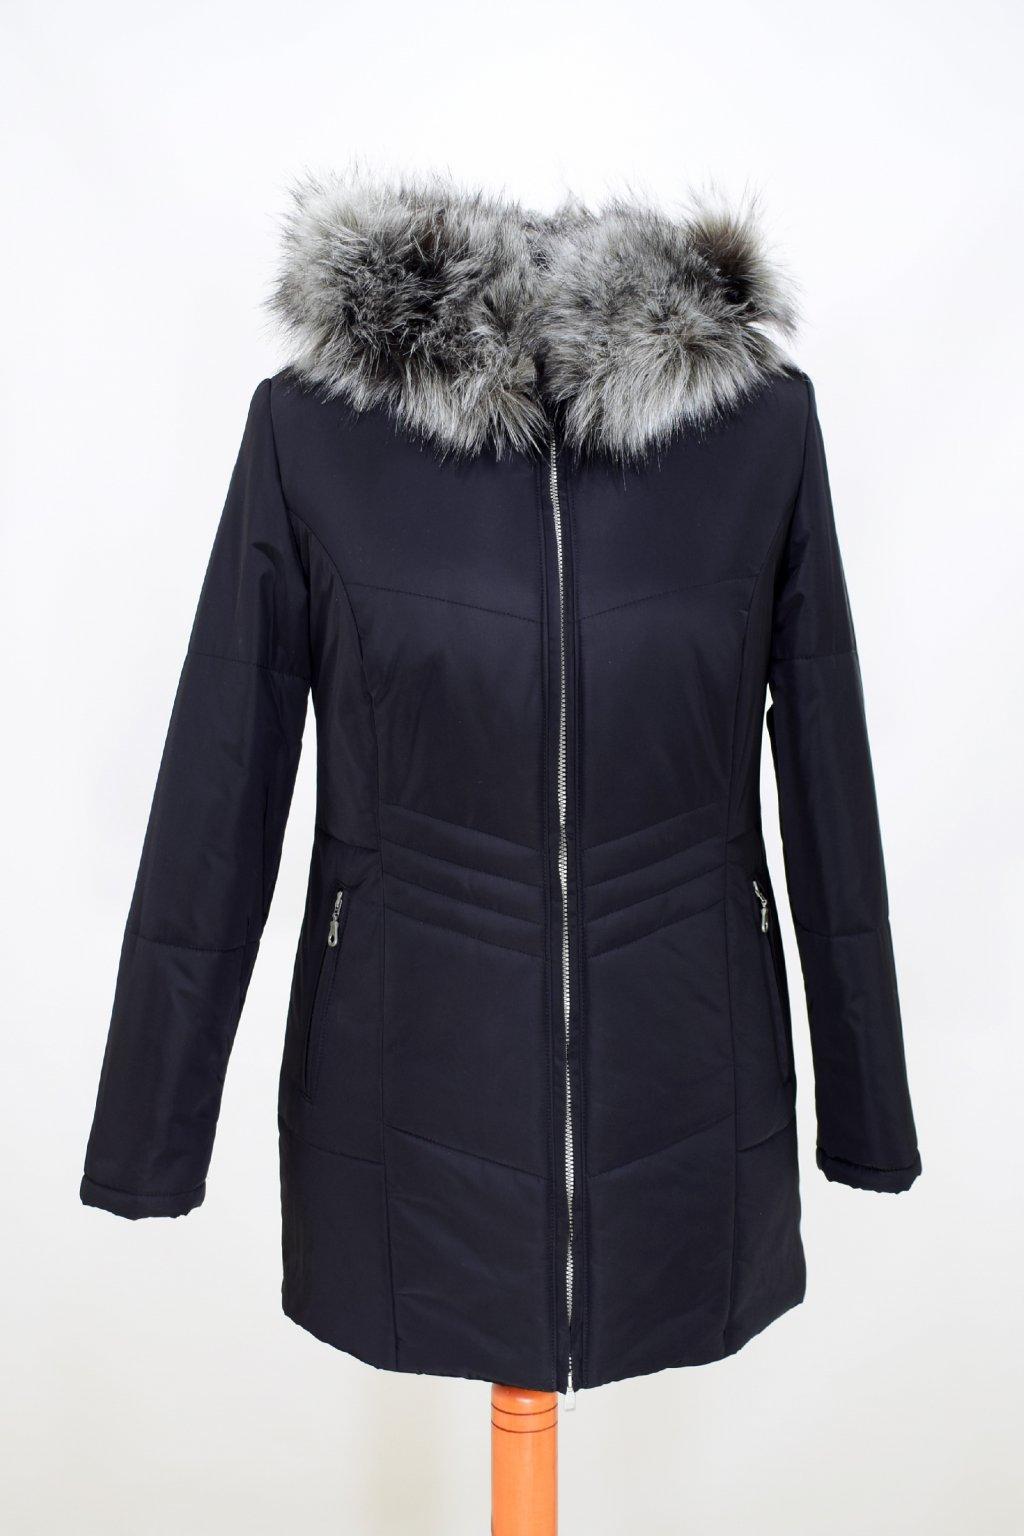 Dámská černá zimní bunda Judita nadměrné velikosti